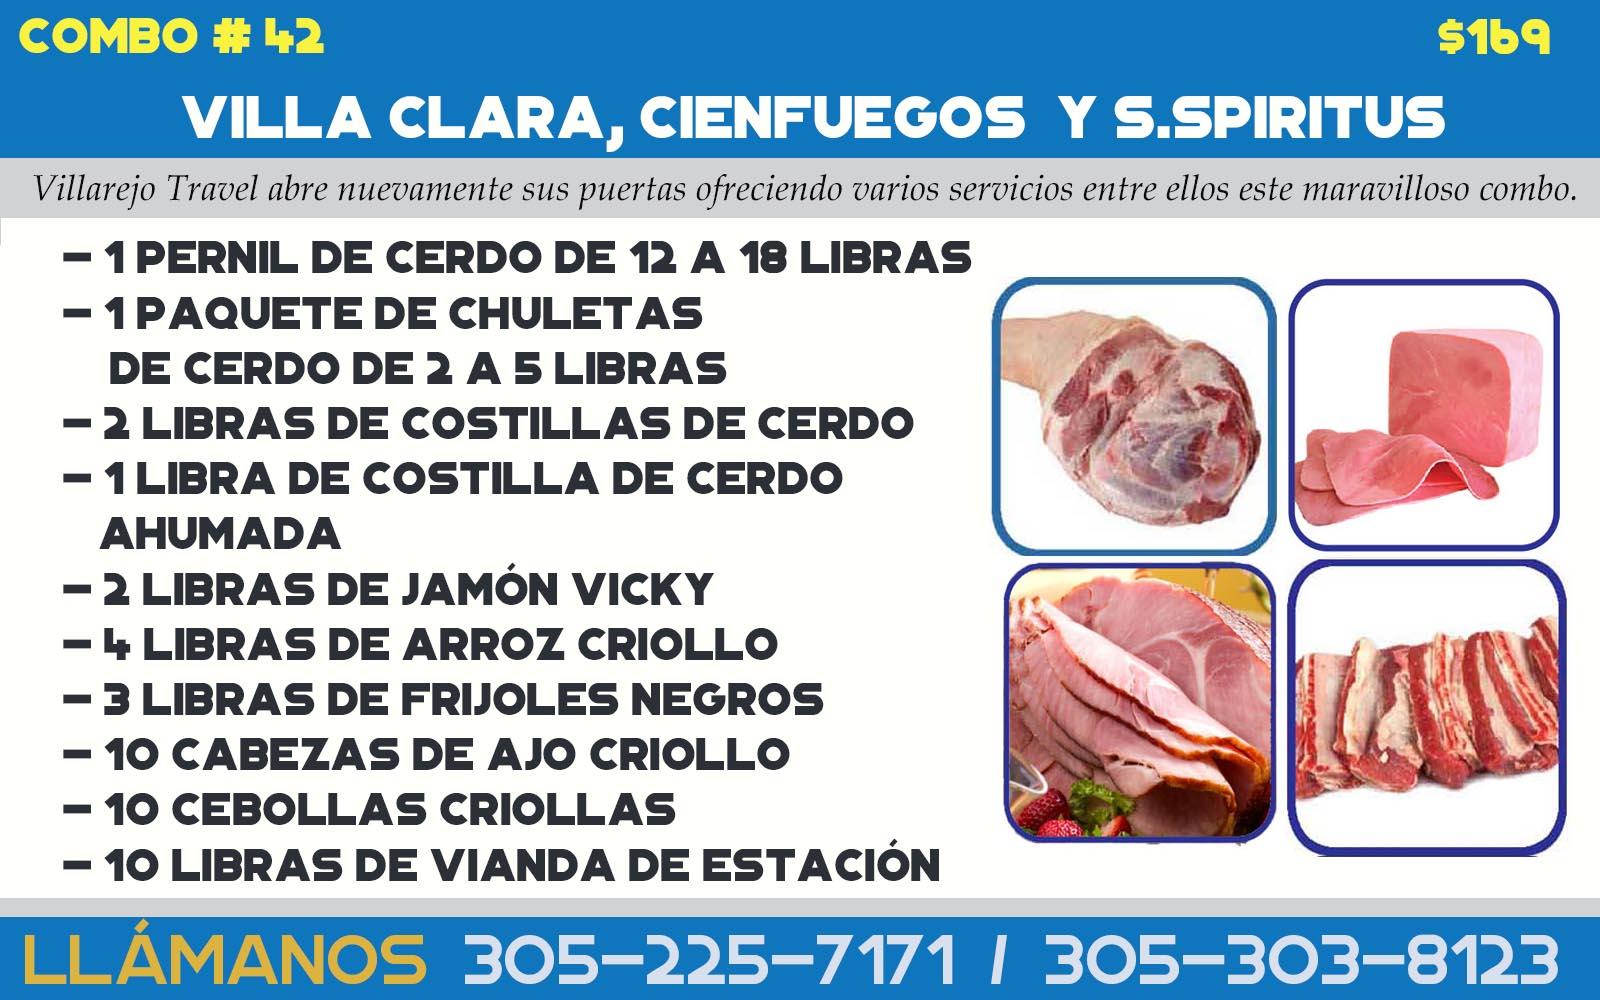 COMBO # 42 VILLA CLARA, CIENFUEGOS Y S.SPIRITUS (Combinado)